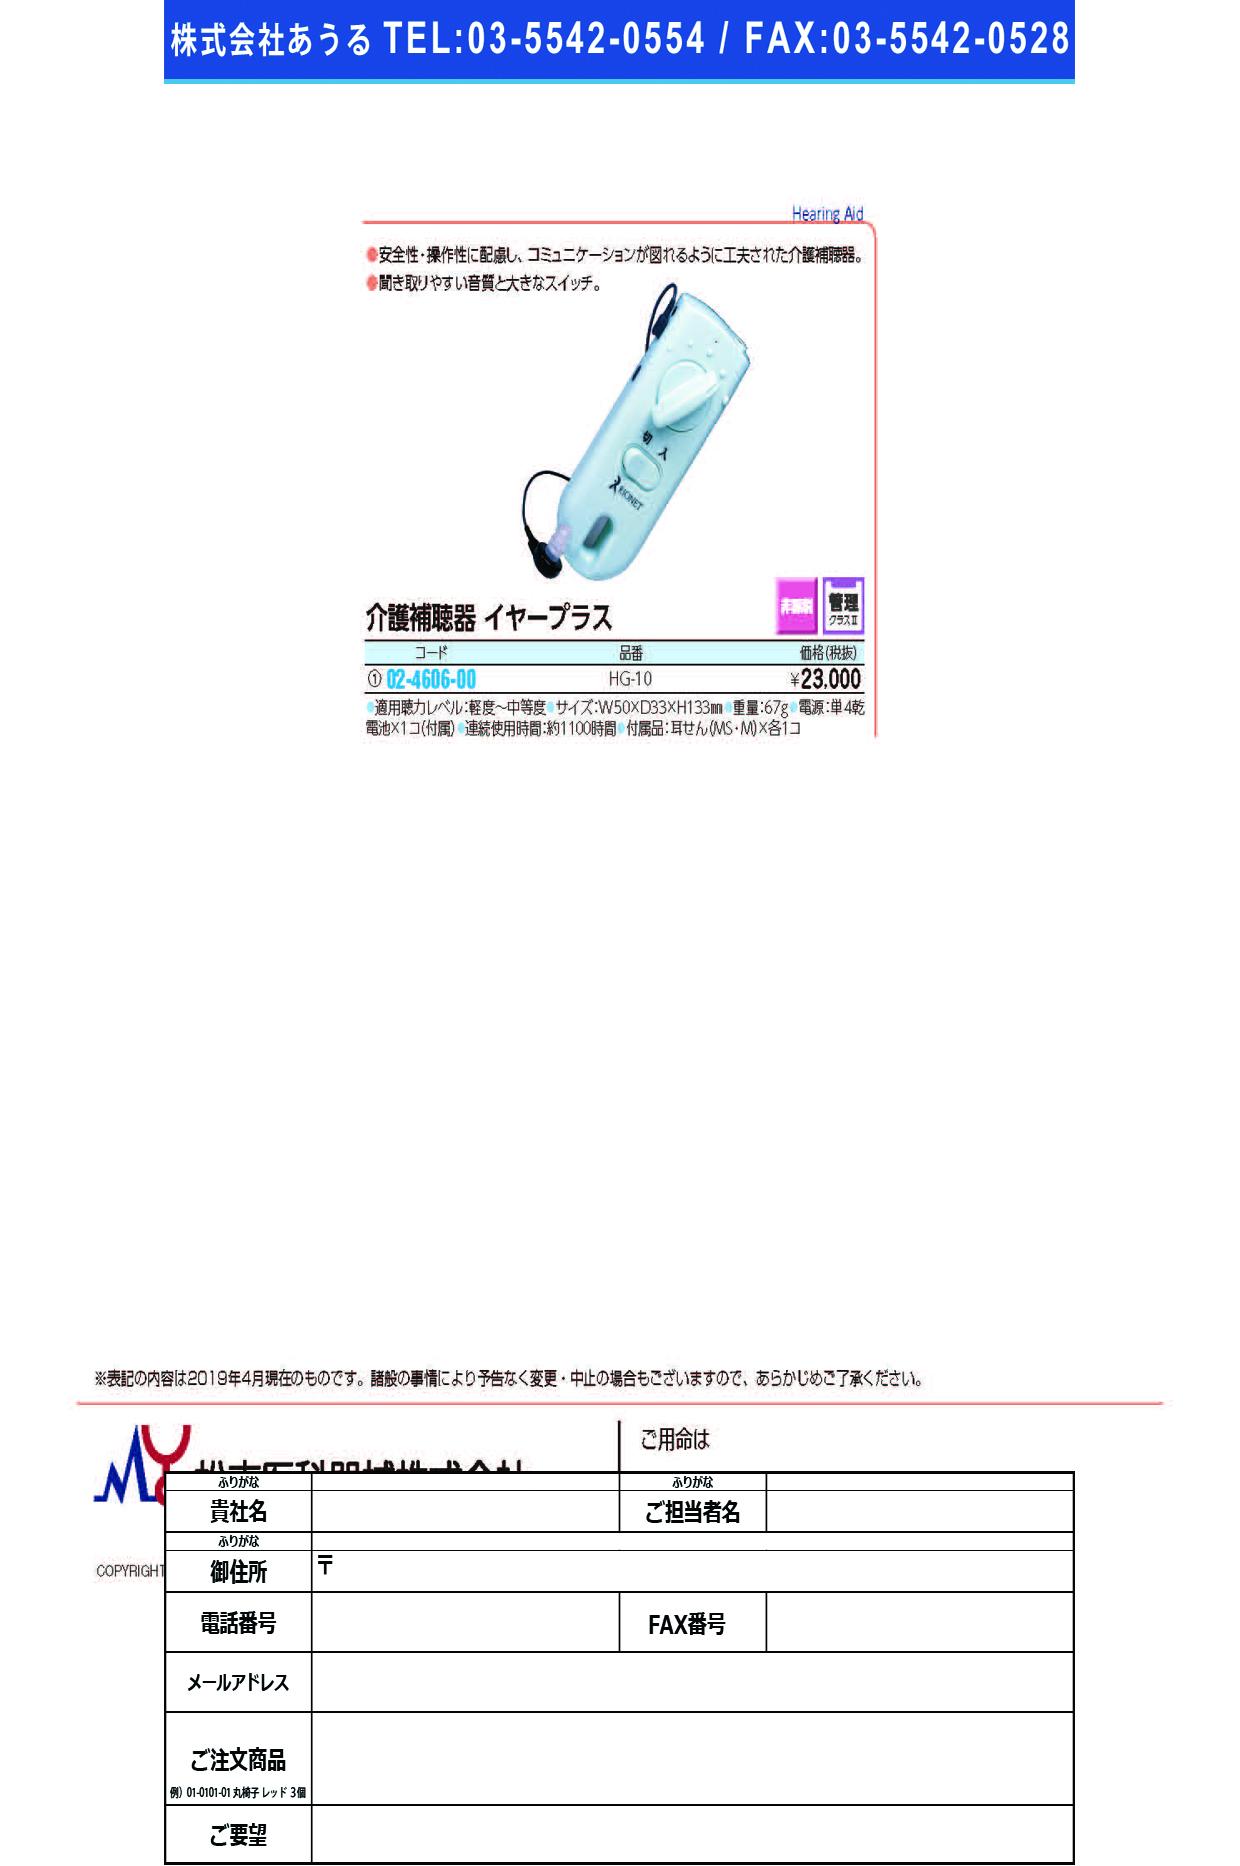 (02-4606-00)リオネットイヤープラス(介護補聴器) HG-10 イヤープラス【1台単位】【2019年カタログ商品】